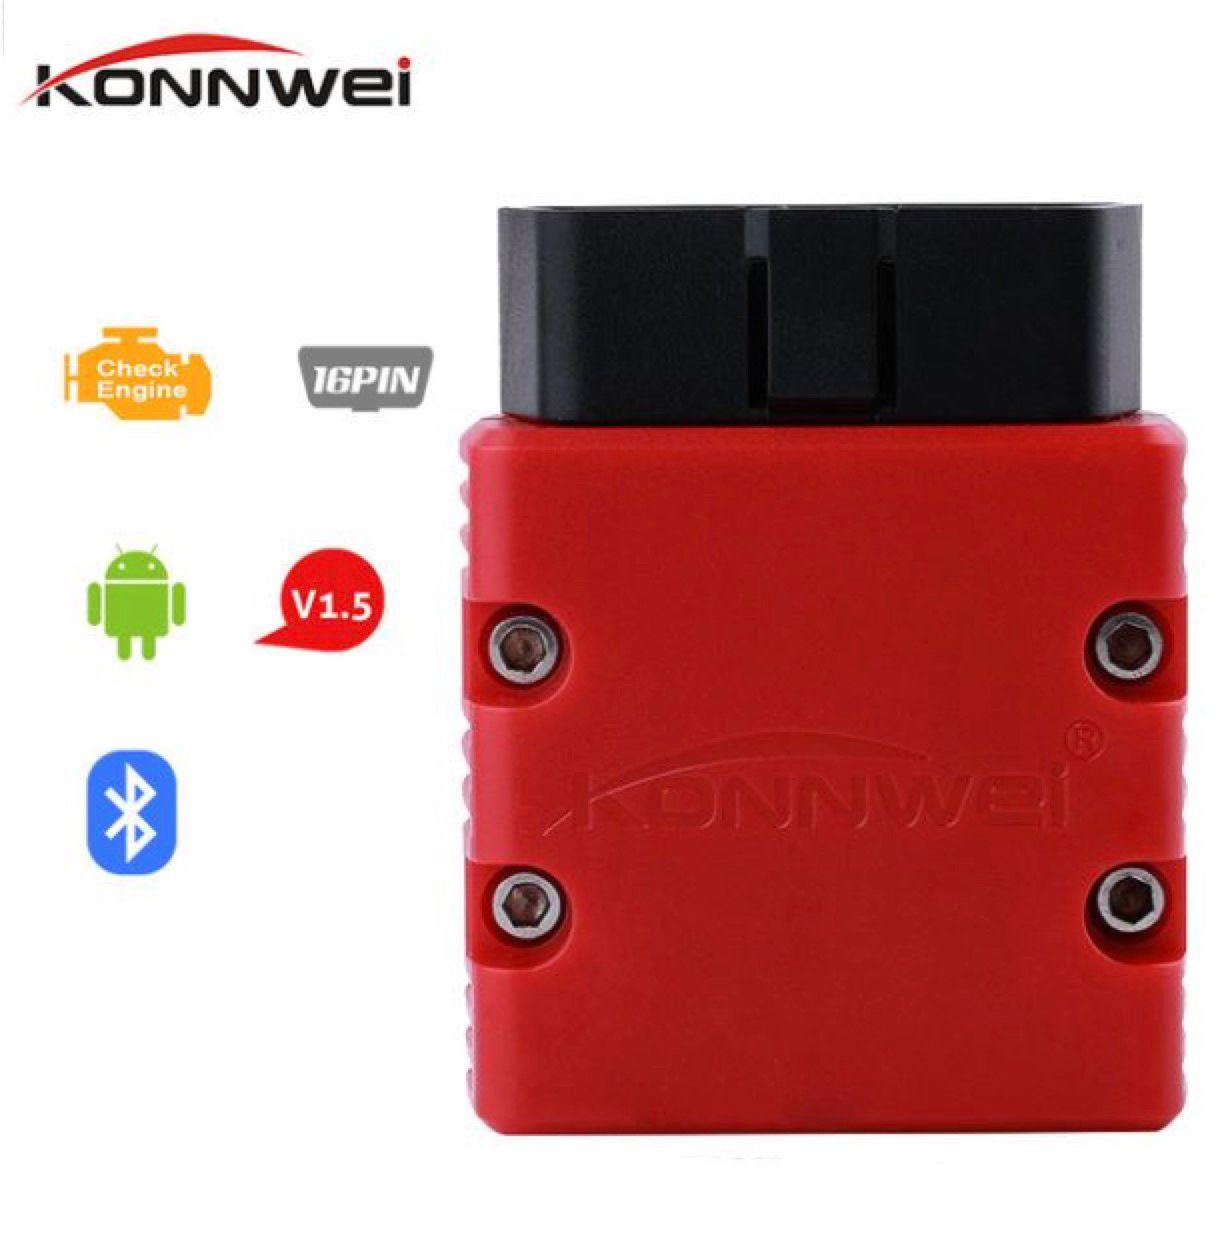 Konnwei KW902 ELM327 OBD2 EML327 V1.5 بلوتوث 3.0 واي فاي محول السيارات تشخيص الماسح الضوئي ل Android / PC OBDII Automotive Scanner